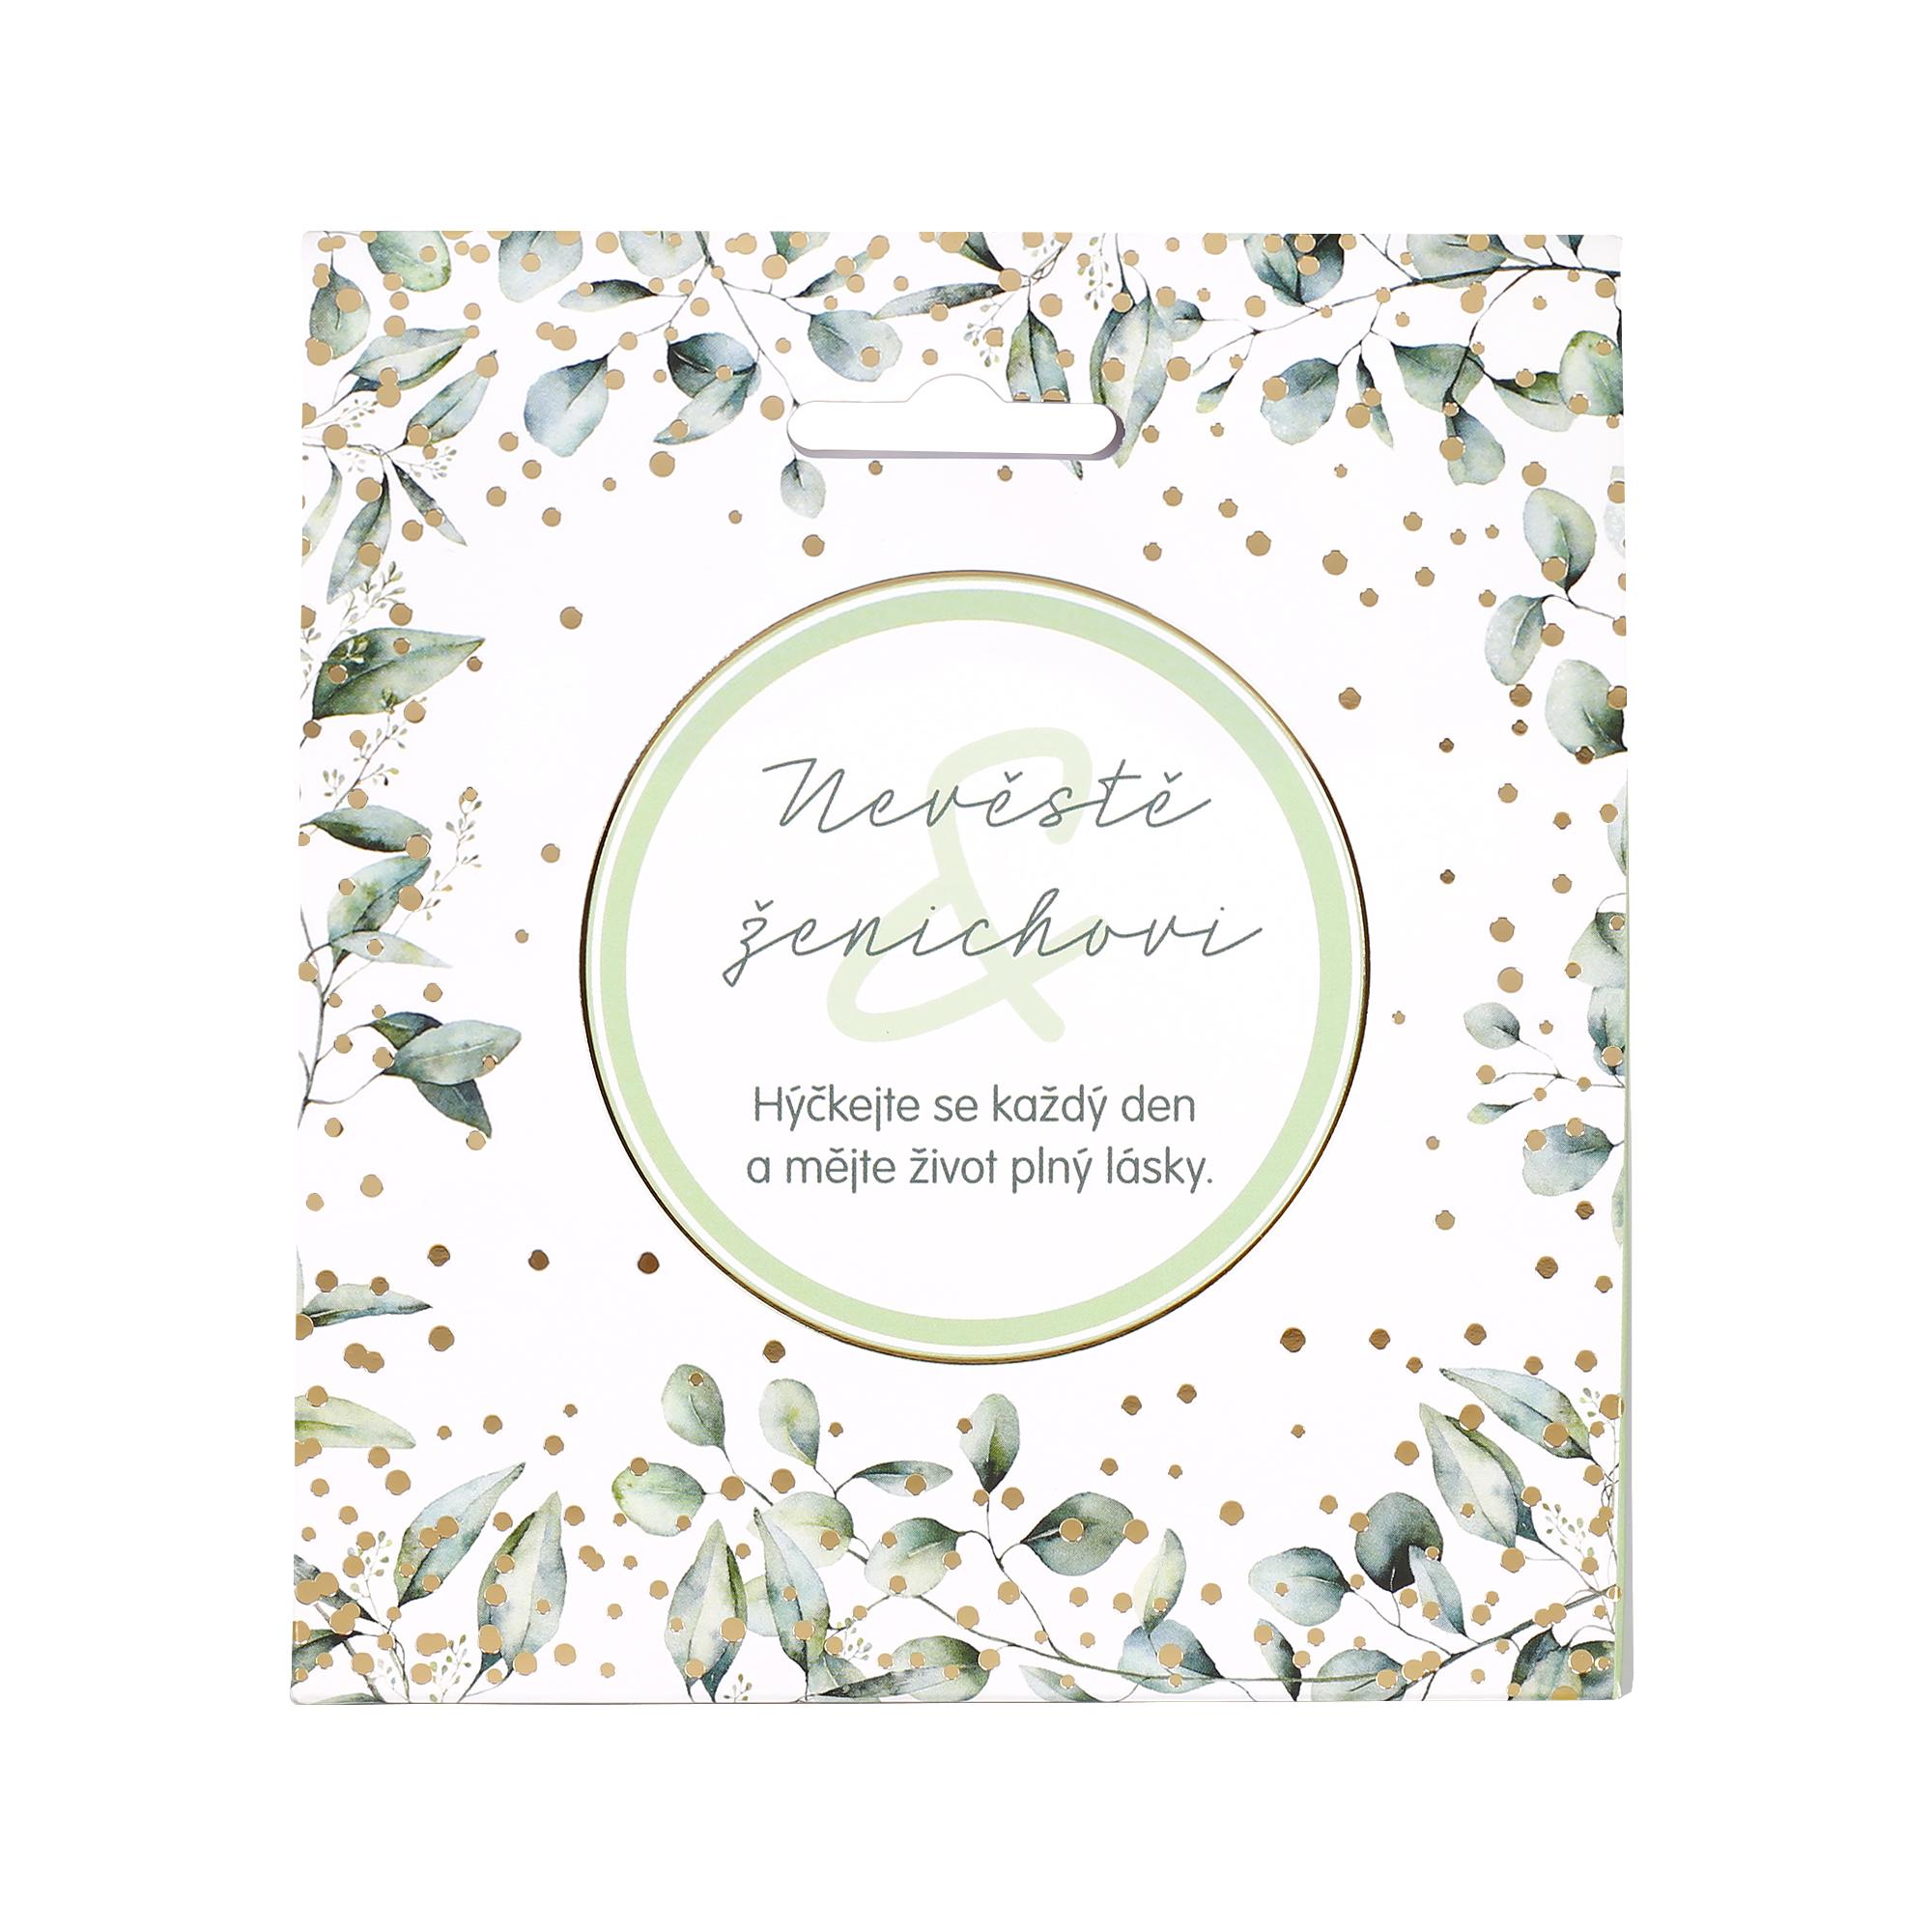 Svatební čaj - Nevěstě a ženichovi